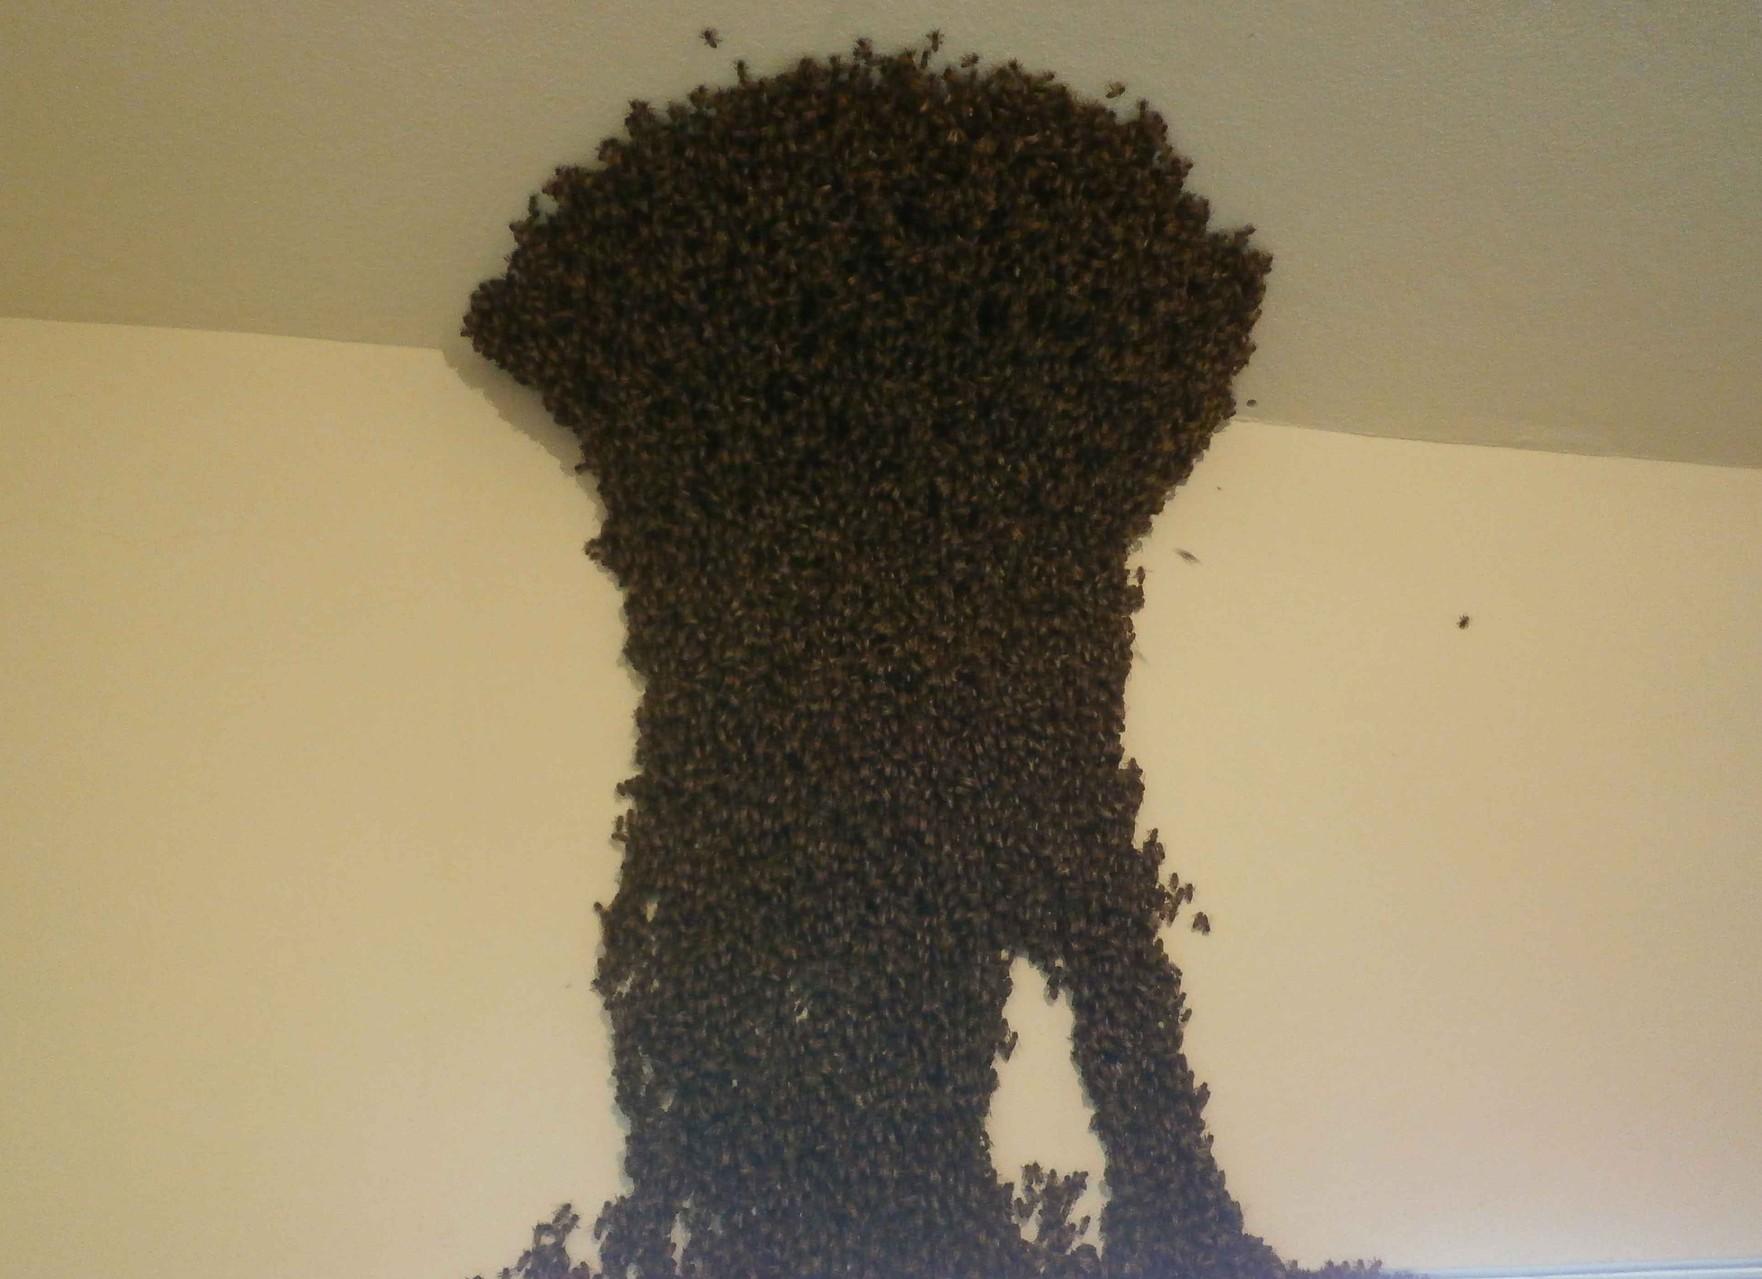 養蜂園で巣別れしてきたミツバチを発見。巣箱に入れて捕獲。